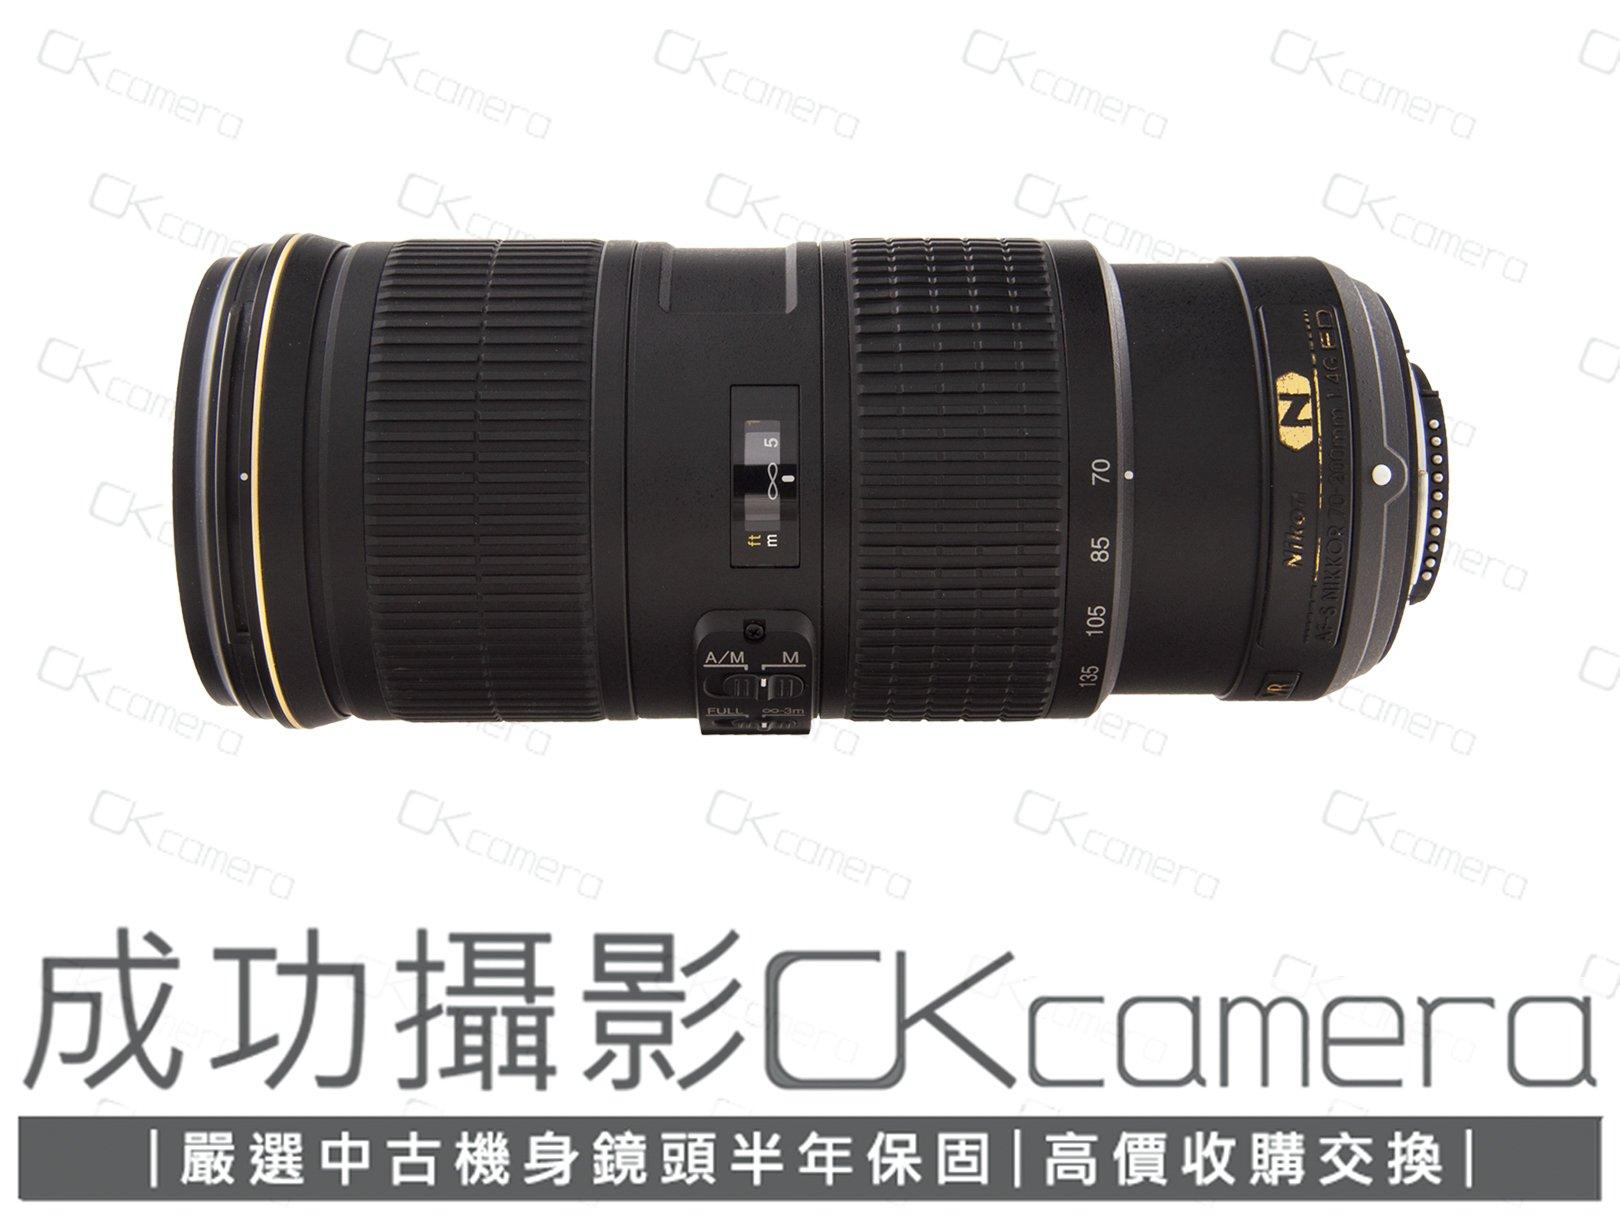 成功攝影 Nikon AF-S FX 70-200mm F4 G ED VR 中古二手 超值全幅望遠變焦鏡 恆定光圈 榮泰公司貨 保固半年 70-200/4